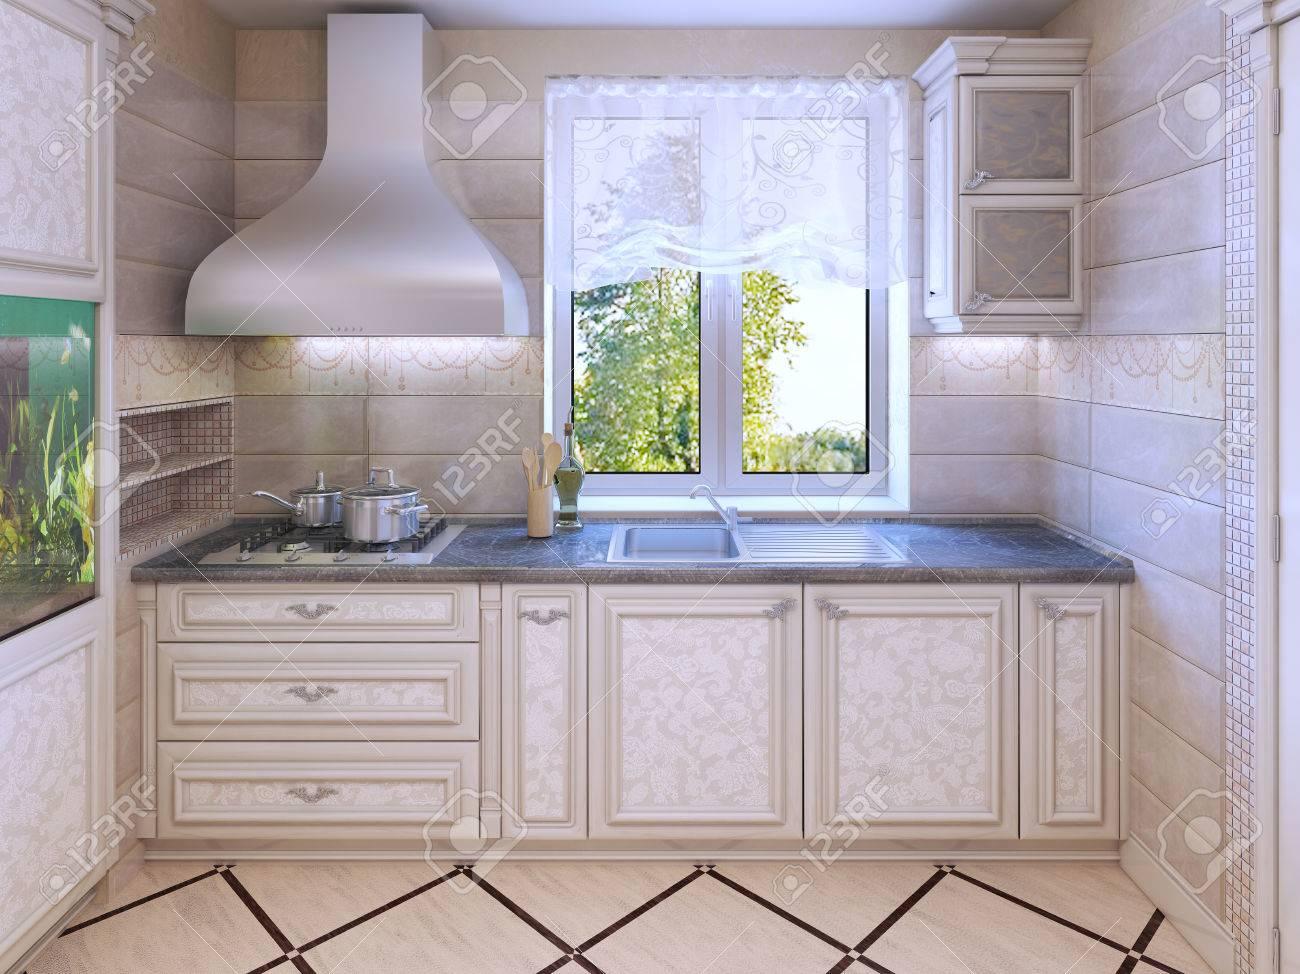 Full Size of Luxury Kitchen In Private House Küche Fliesen Für Küche